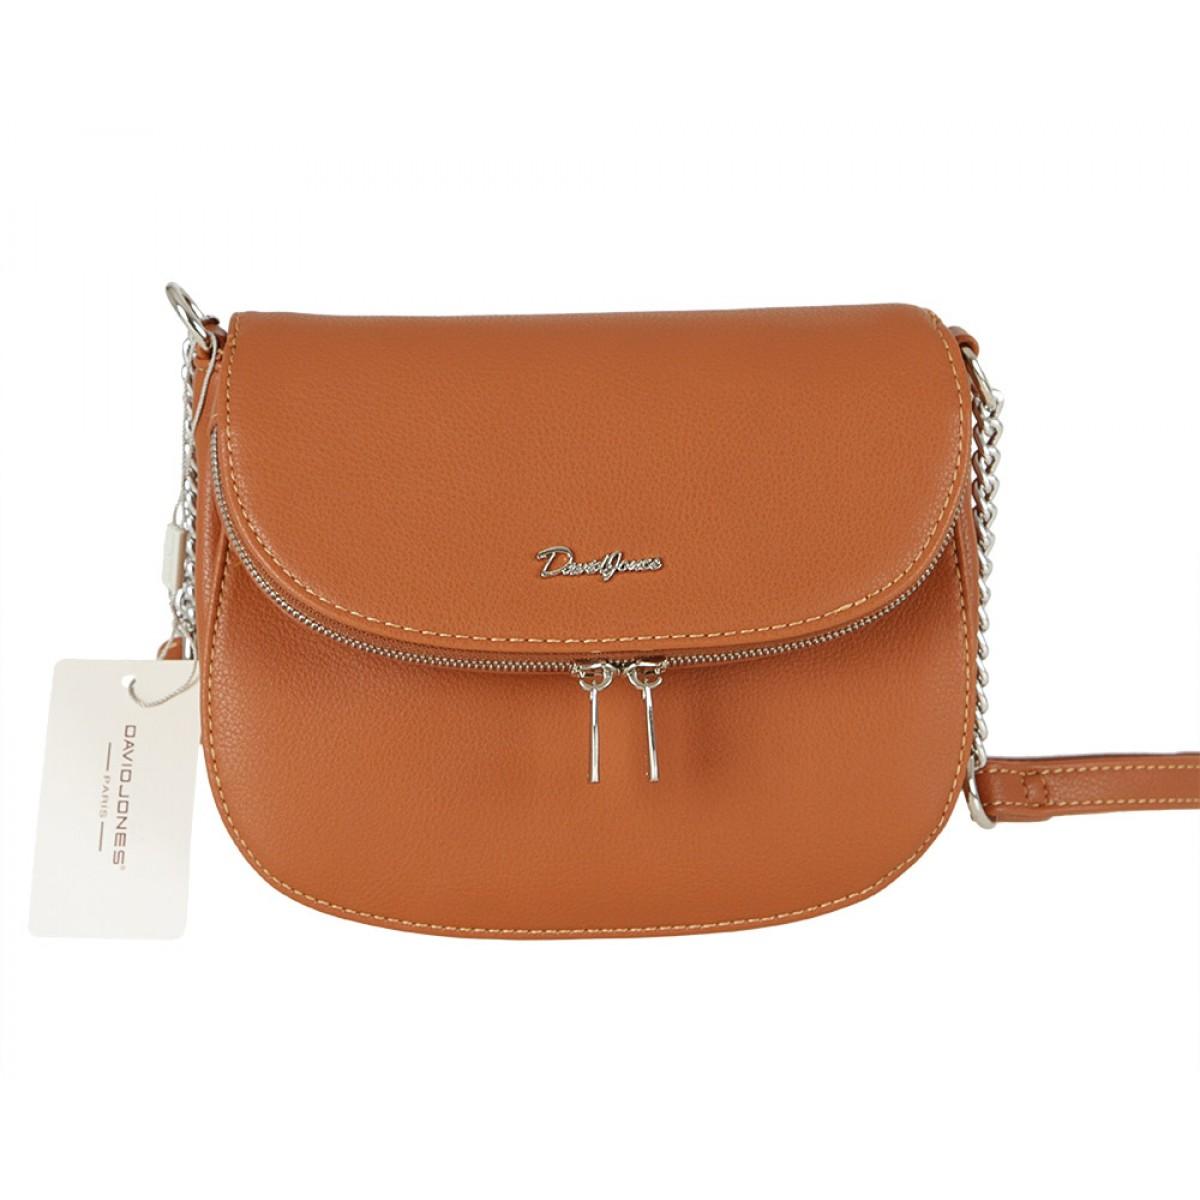 Жіноча сумка David Jones 6200-1A COGNAC